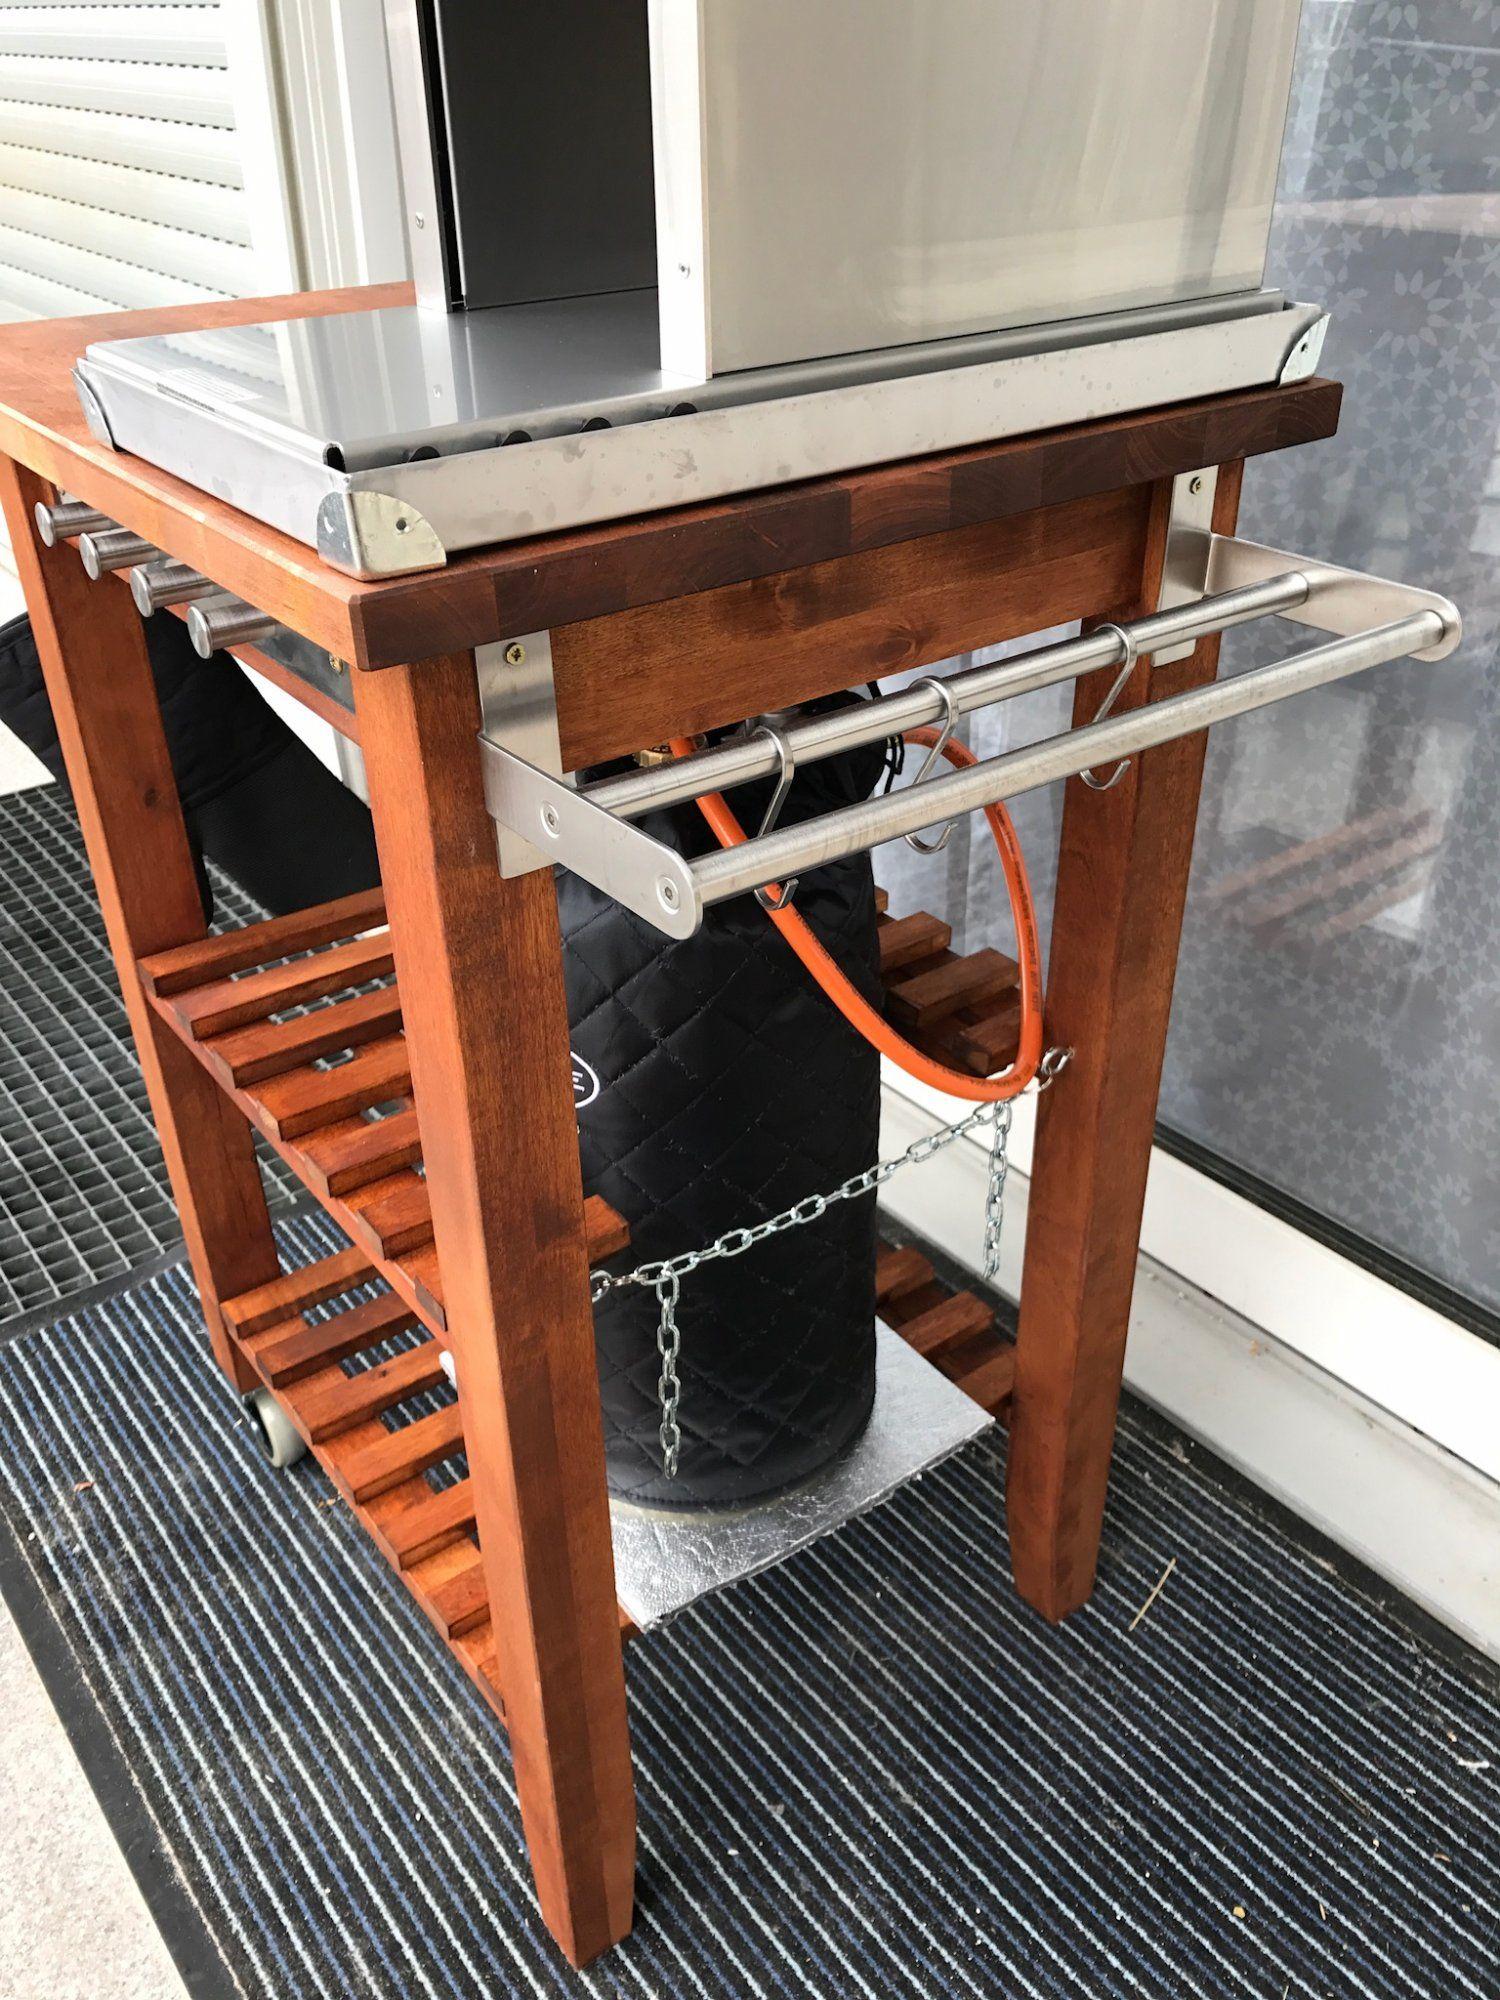 Full Size of Weber Grill Beistelltisch Ikea Tisch Der Bekvm Umbau Modding Threadseite 25 Grillforum Und Bbq Miniküche Küche Kosten Sofa Mit Schlaffunktion Betten 160x200 Wohnzimmer Grill Beistelltisch Ikea